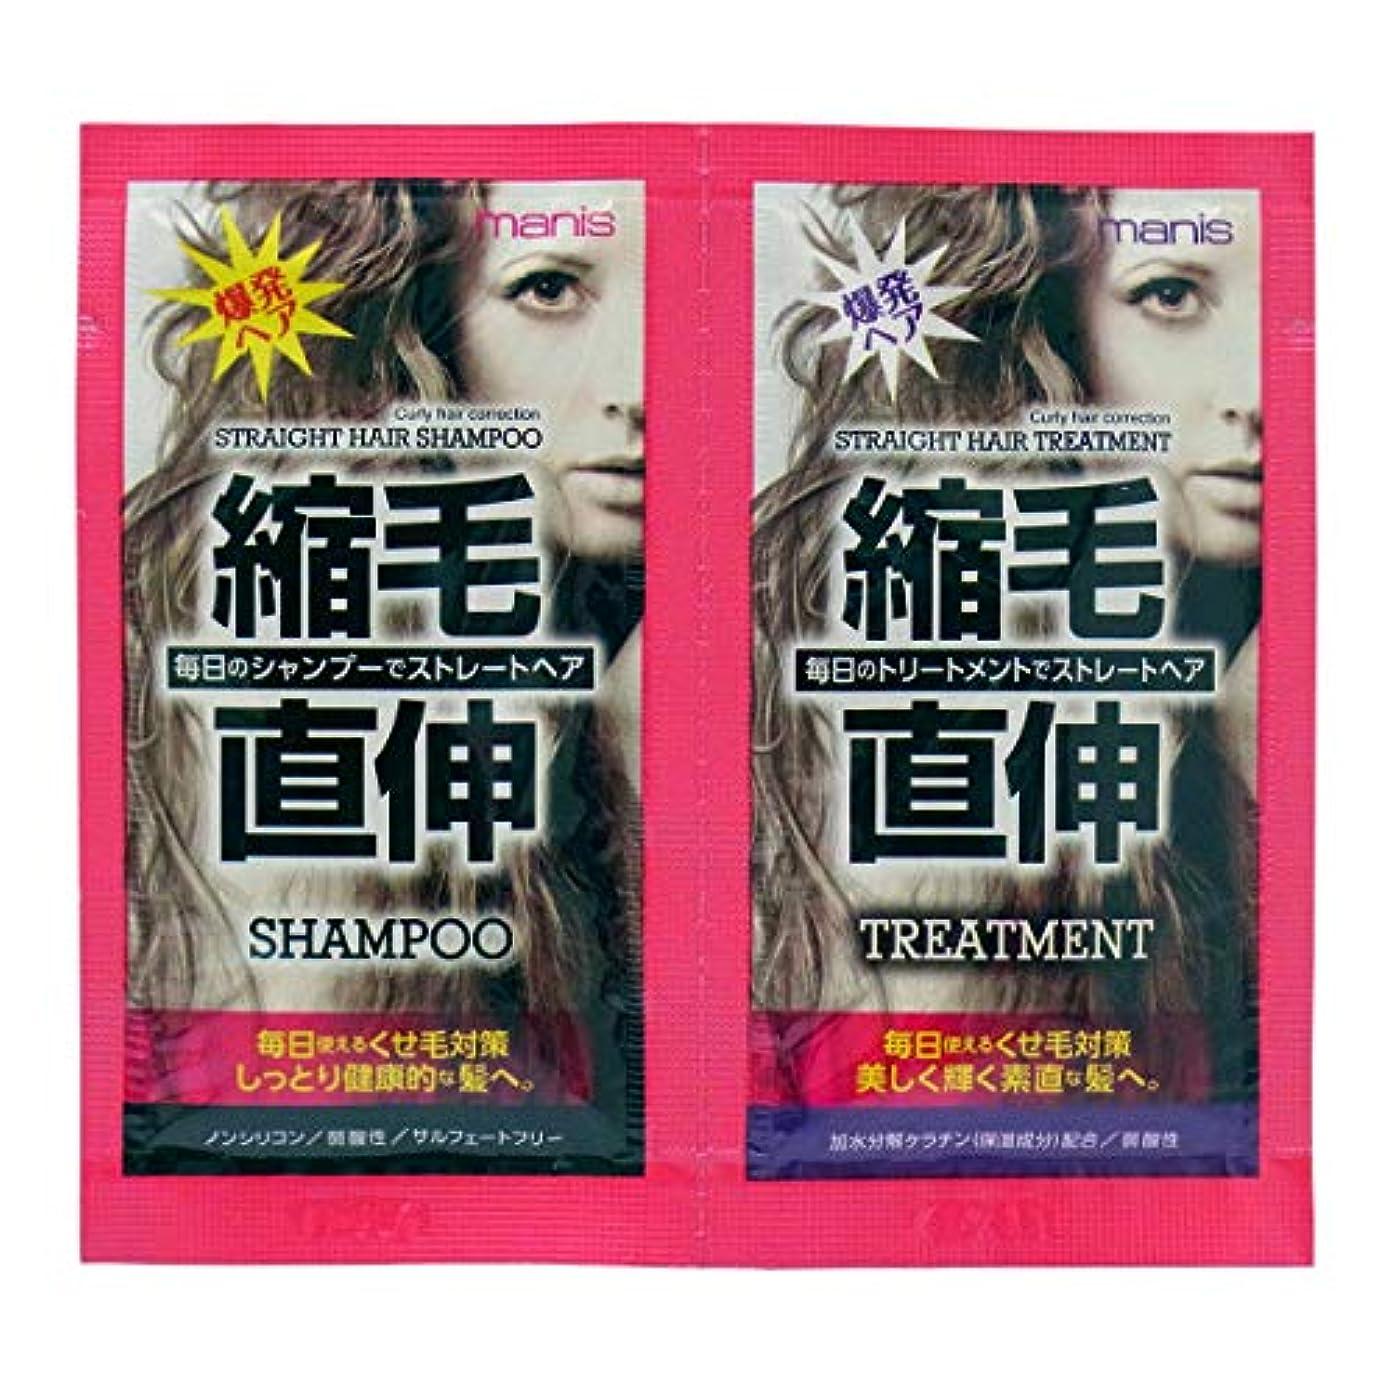 スタウト採用悪性腫瘍マニス ストレートヘア シャンプー & トリートメント トライアル (10mL × 2)